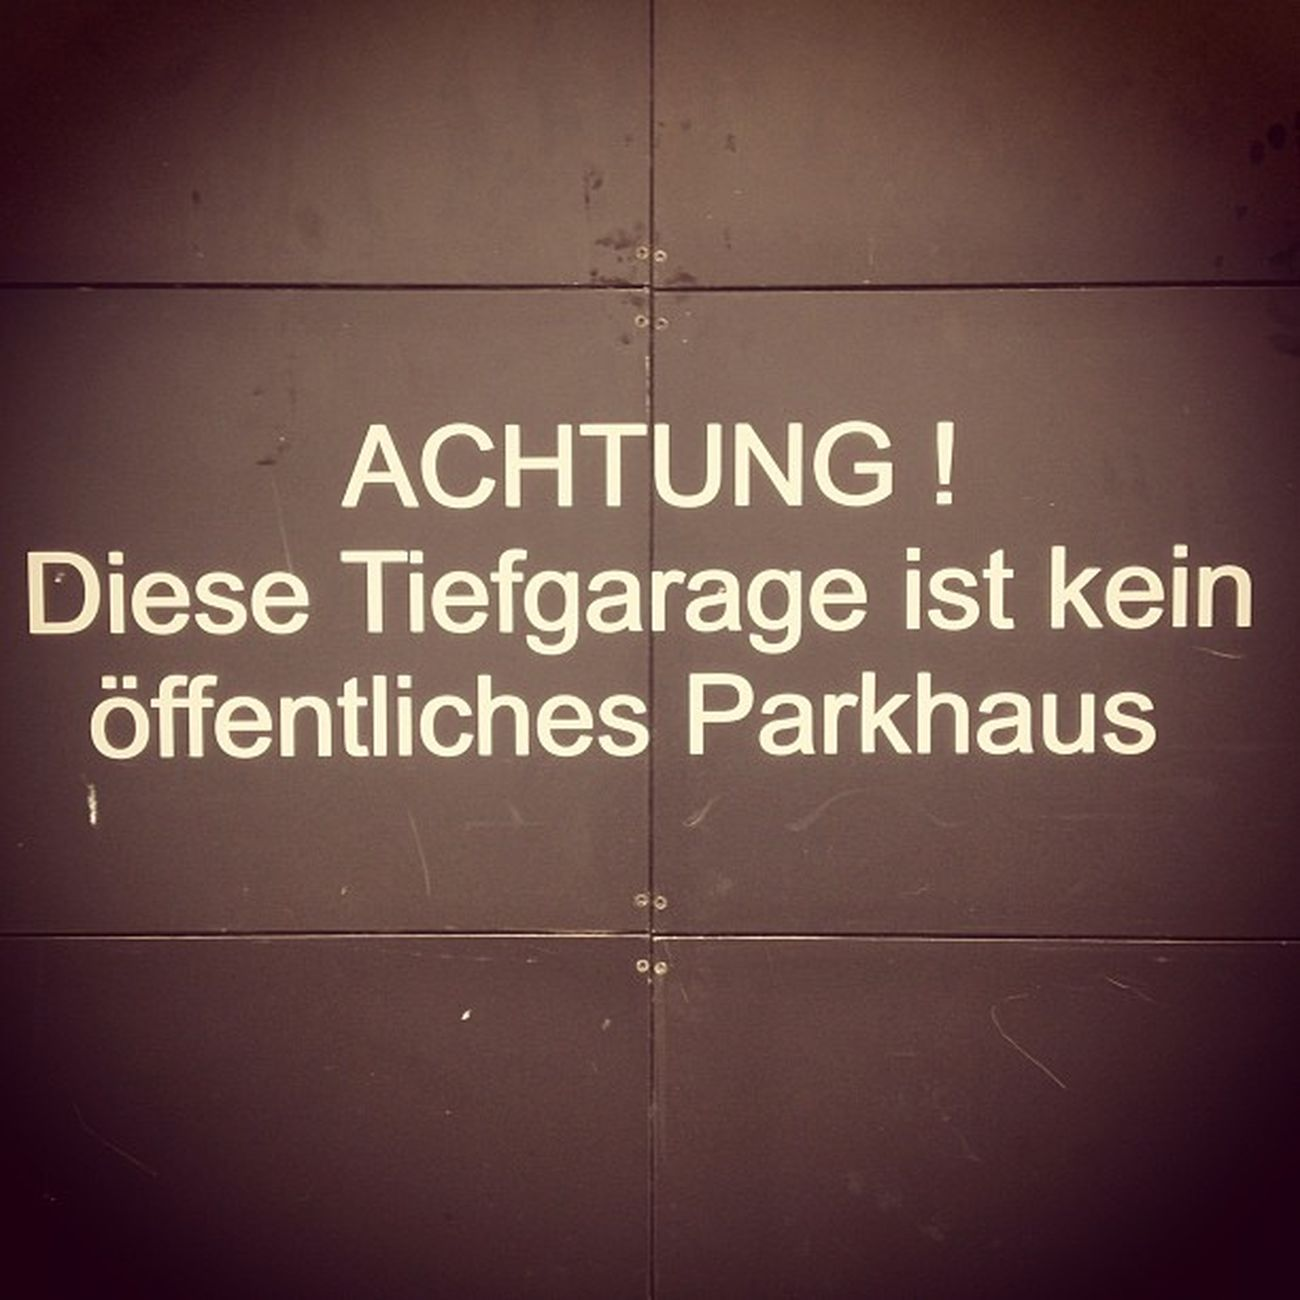 #parkhaus #parken Parkhaus Parken